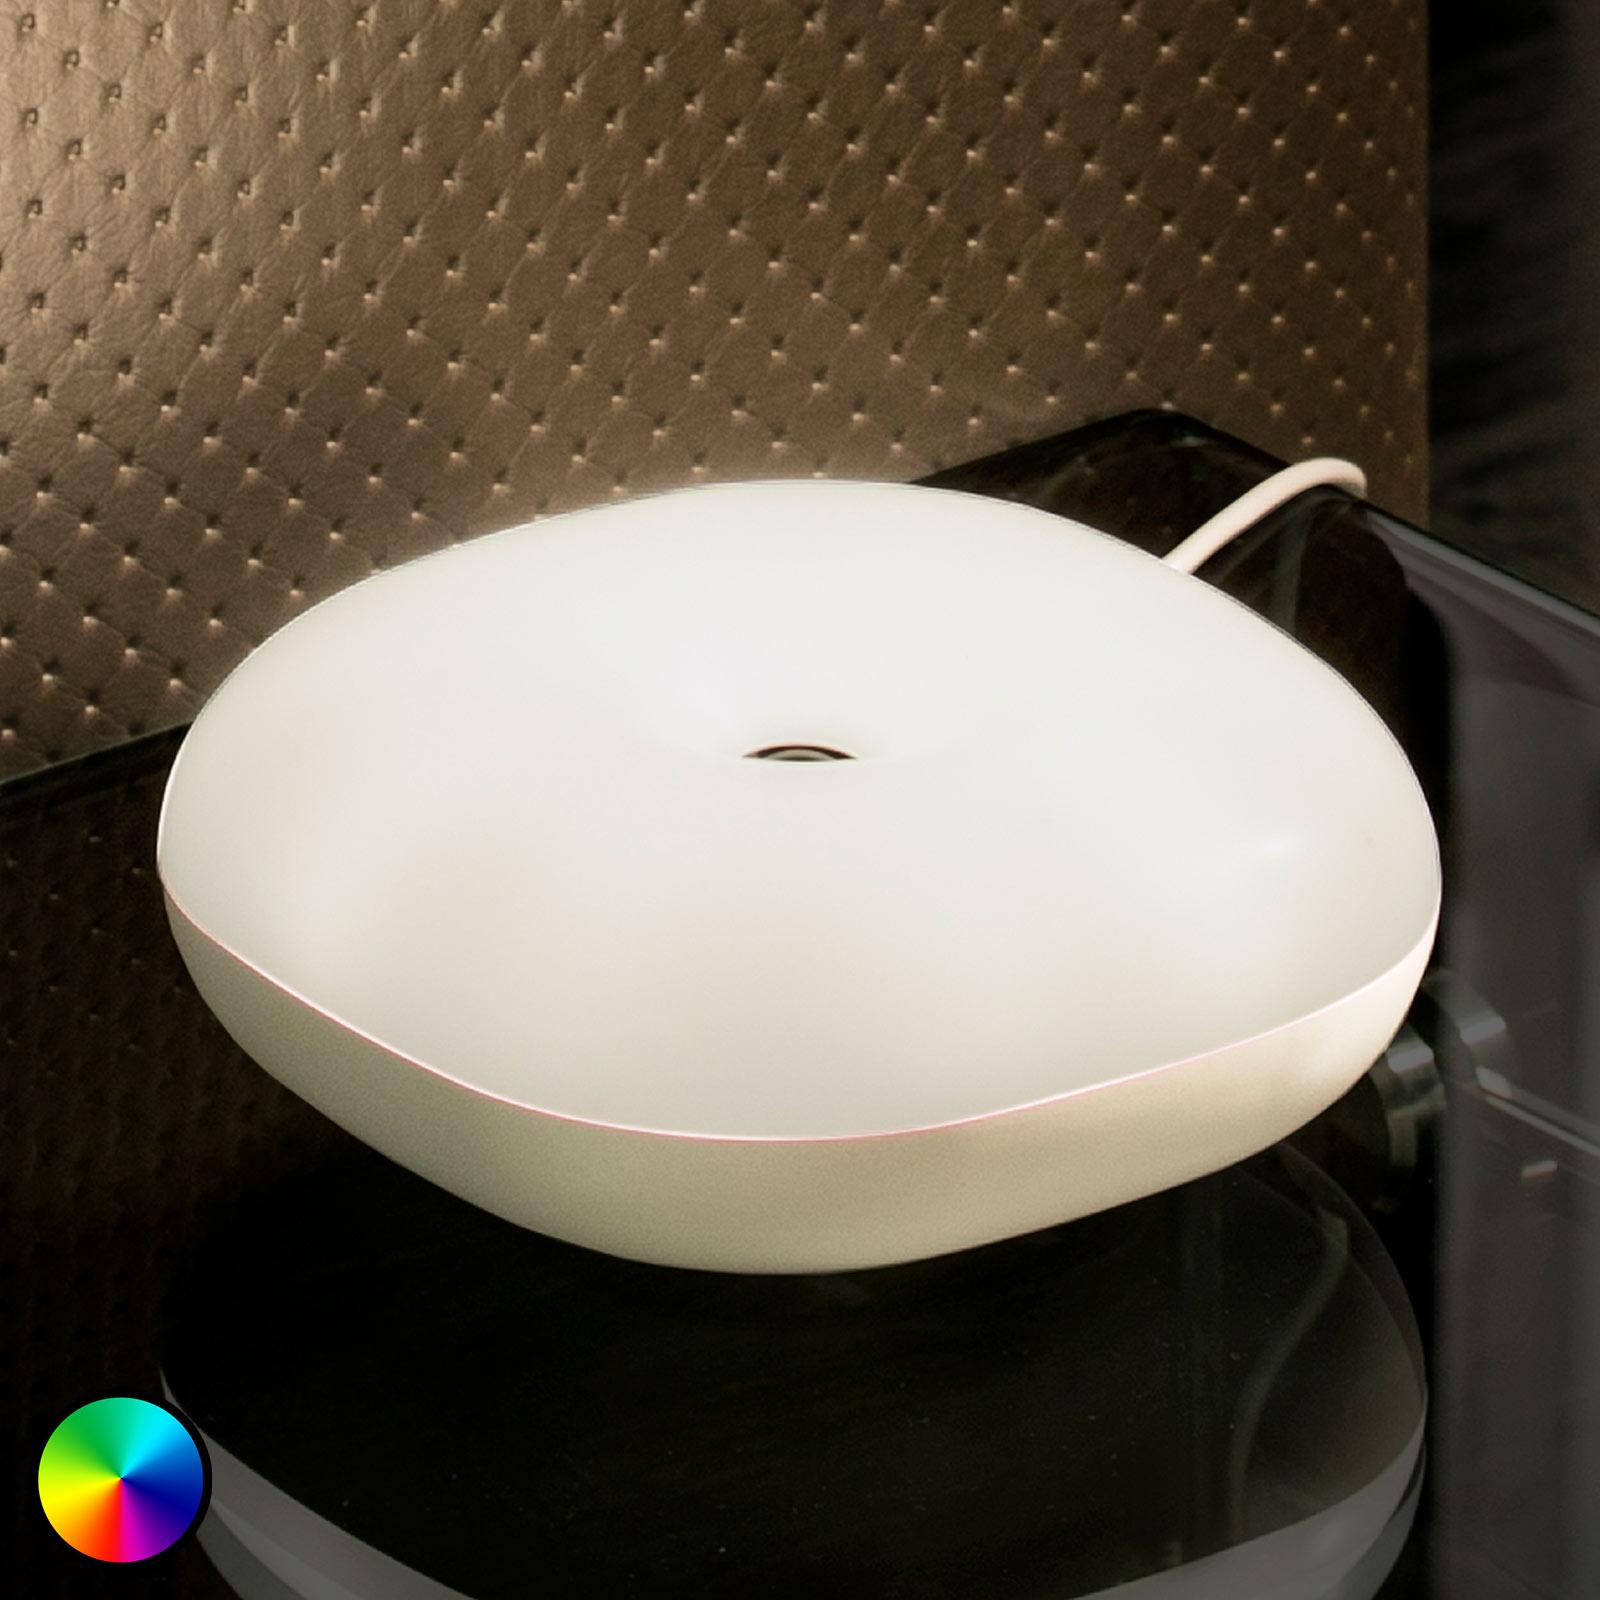 Tafellamp Move met USB-aansluiting, gebaargestuurd